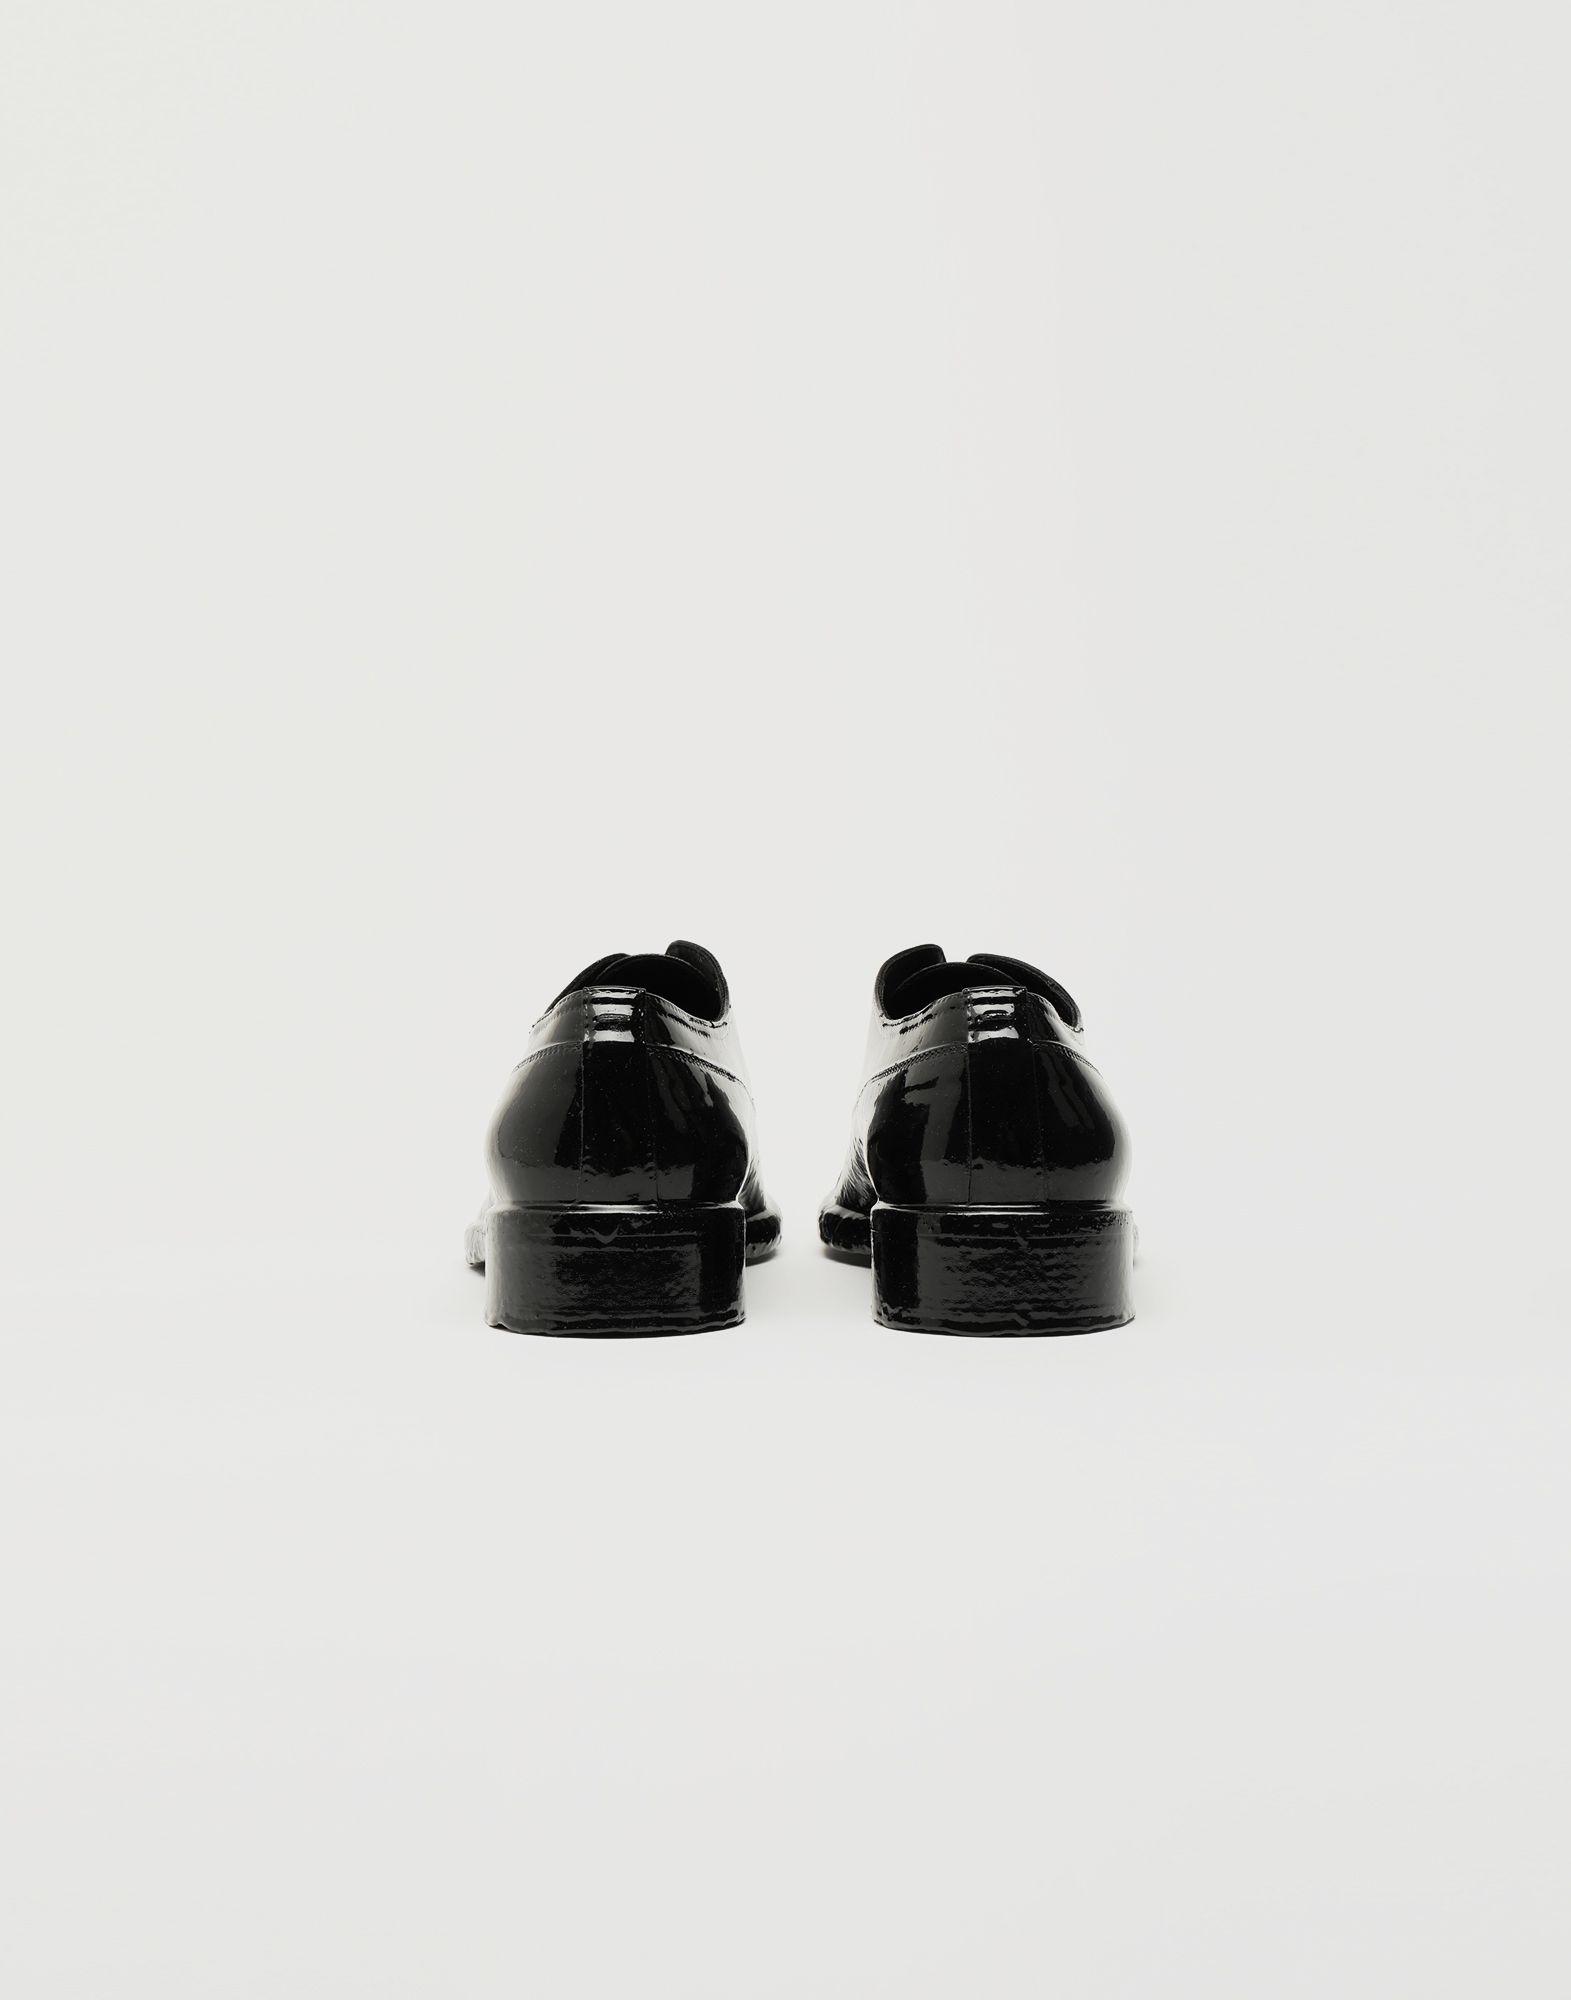 MAISON MARGIELA Plastic Casting Treatment lace-up shoes Laced shoes Man d